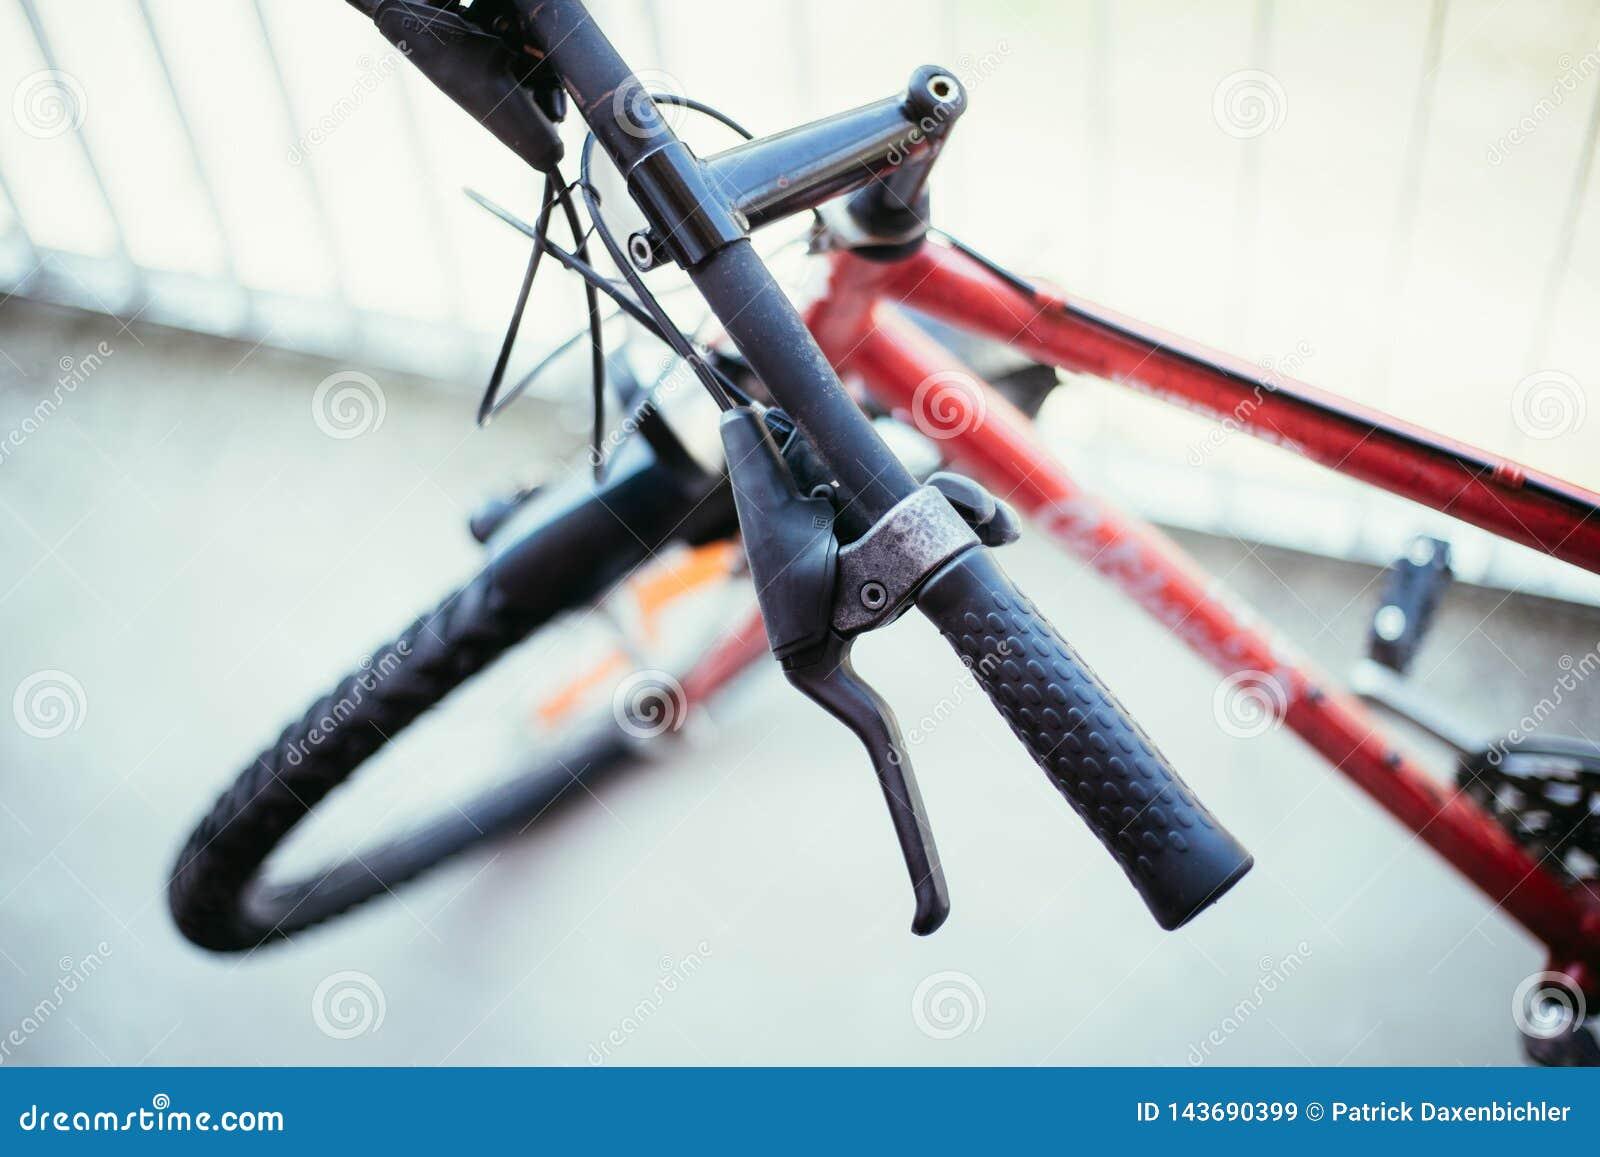 Fietsstuur en onderbrekingen, fietsreparatie, vage achtergrond